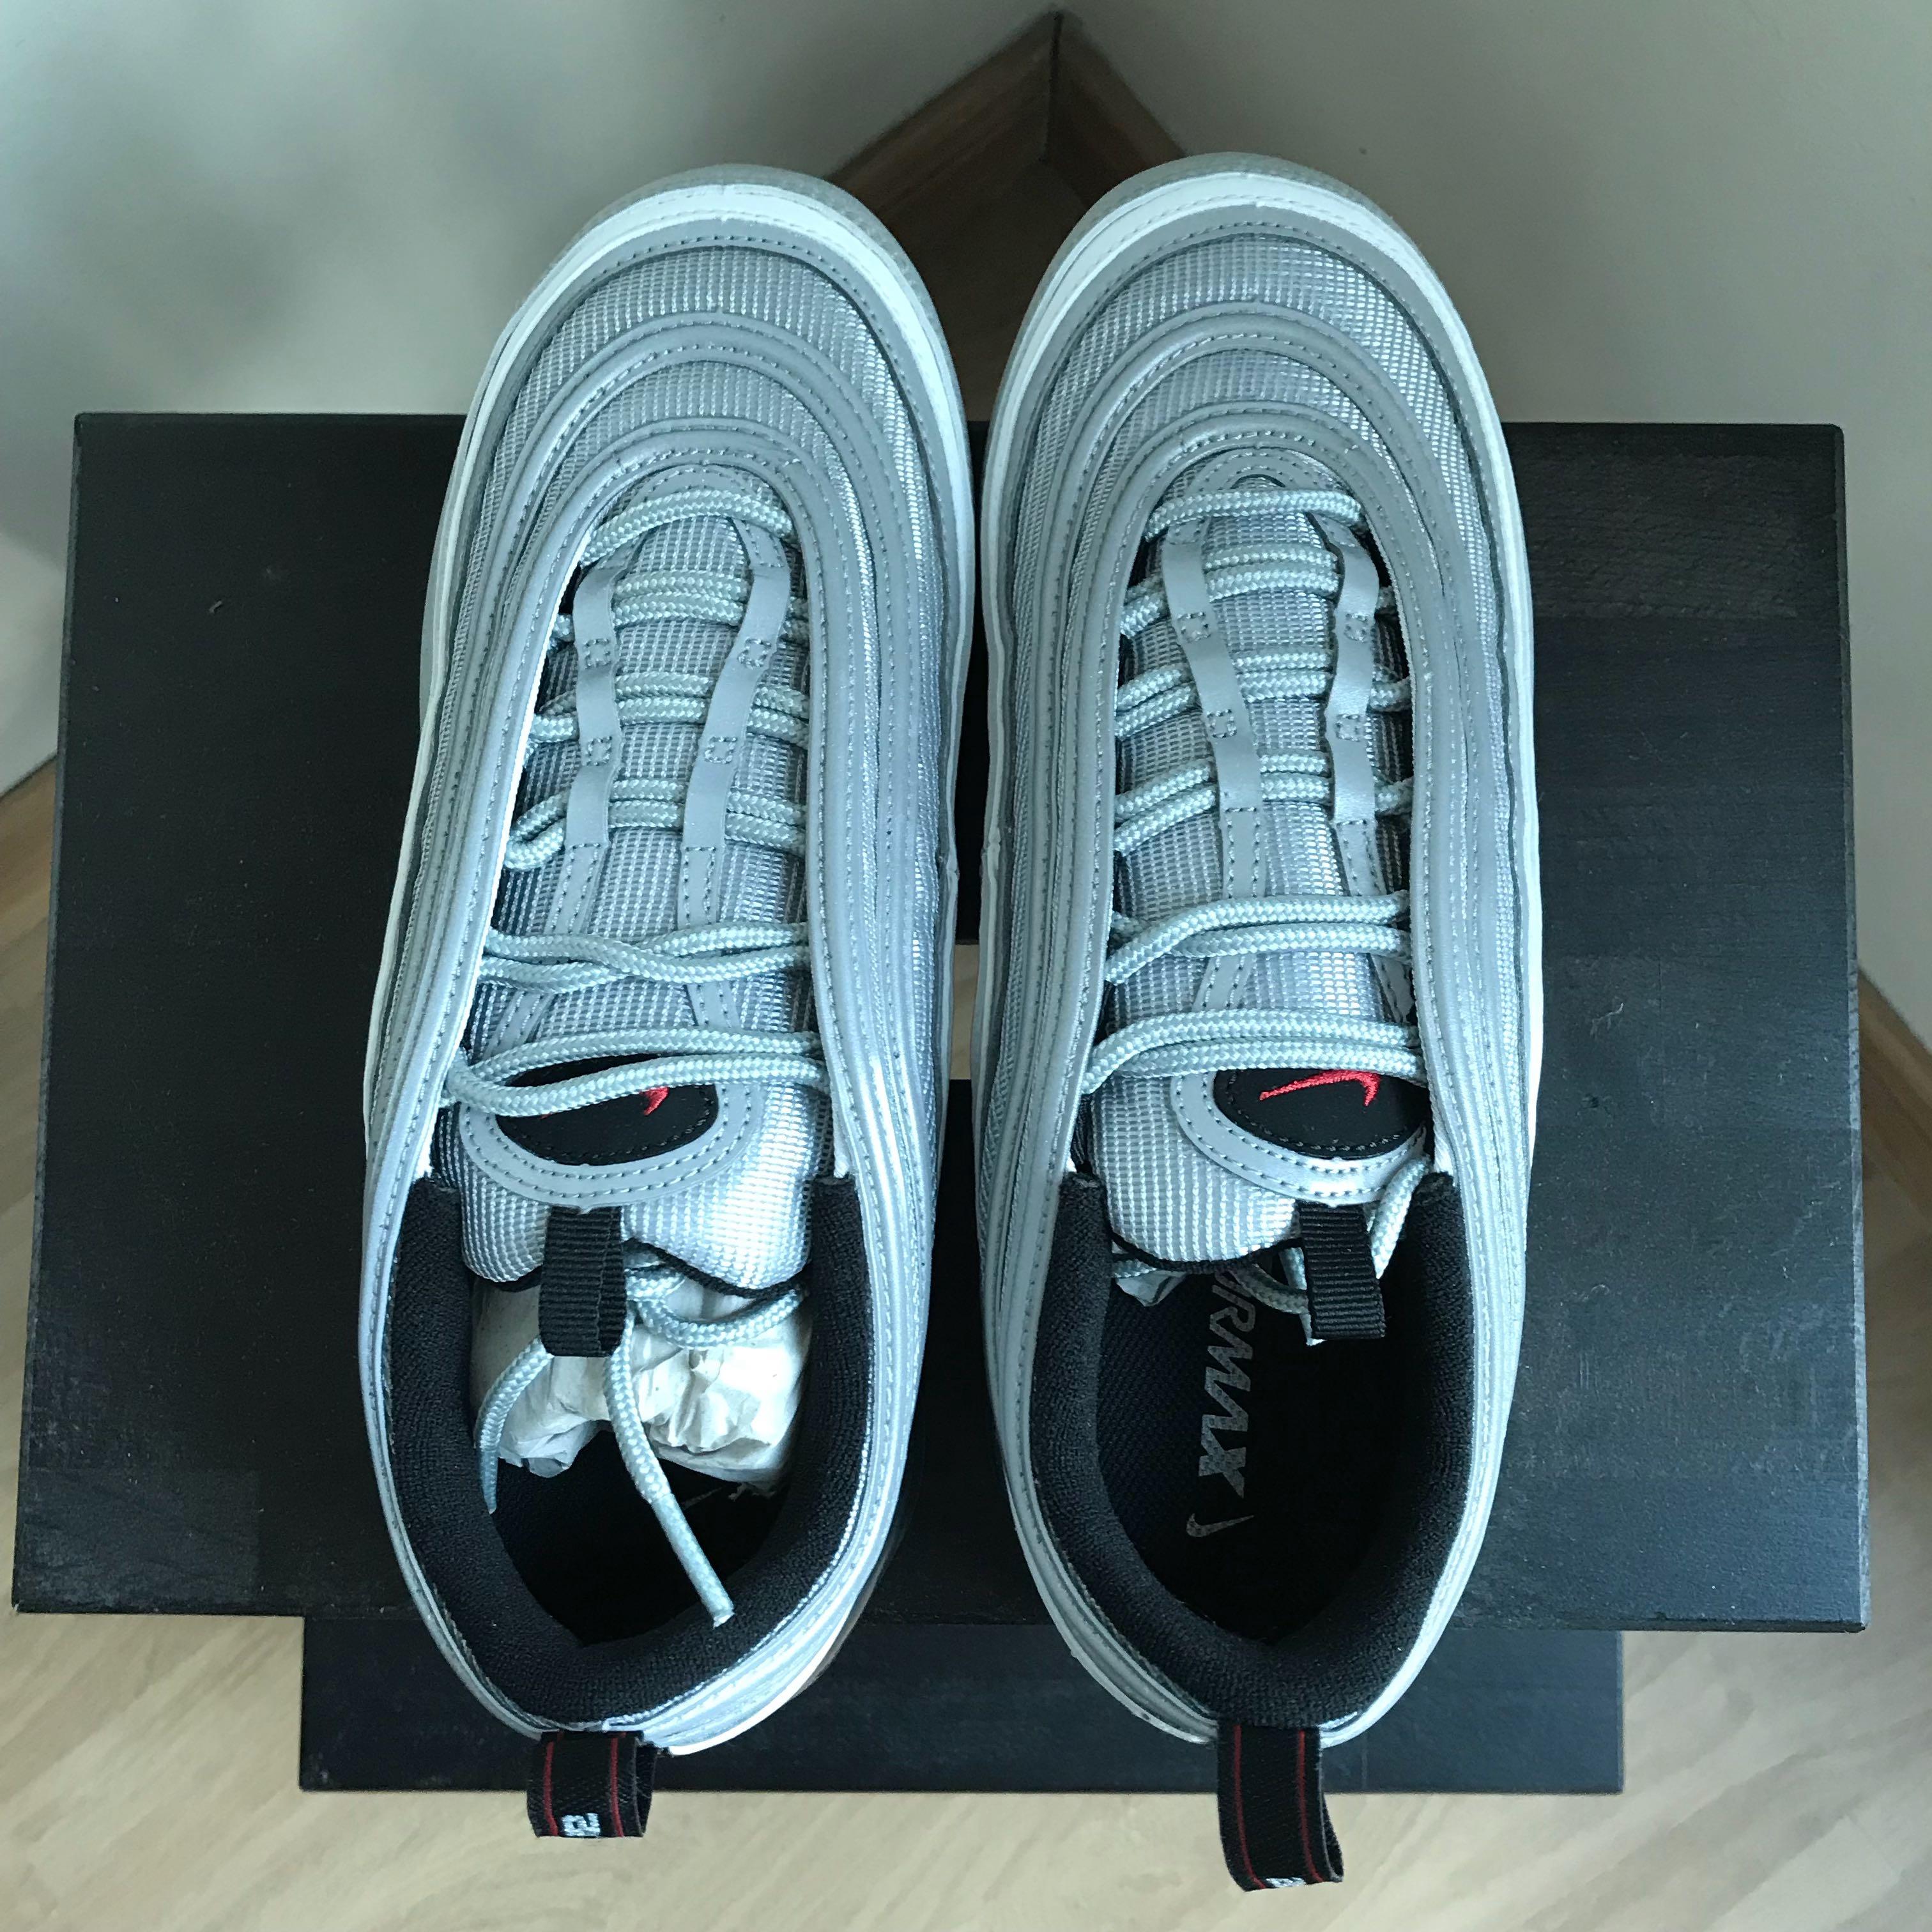 6ab2de2af9 Nike Vapormax 97 Silver Bullet UK8, Men's Fashion, Footwear ...